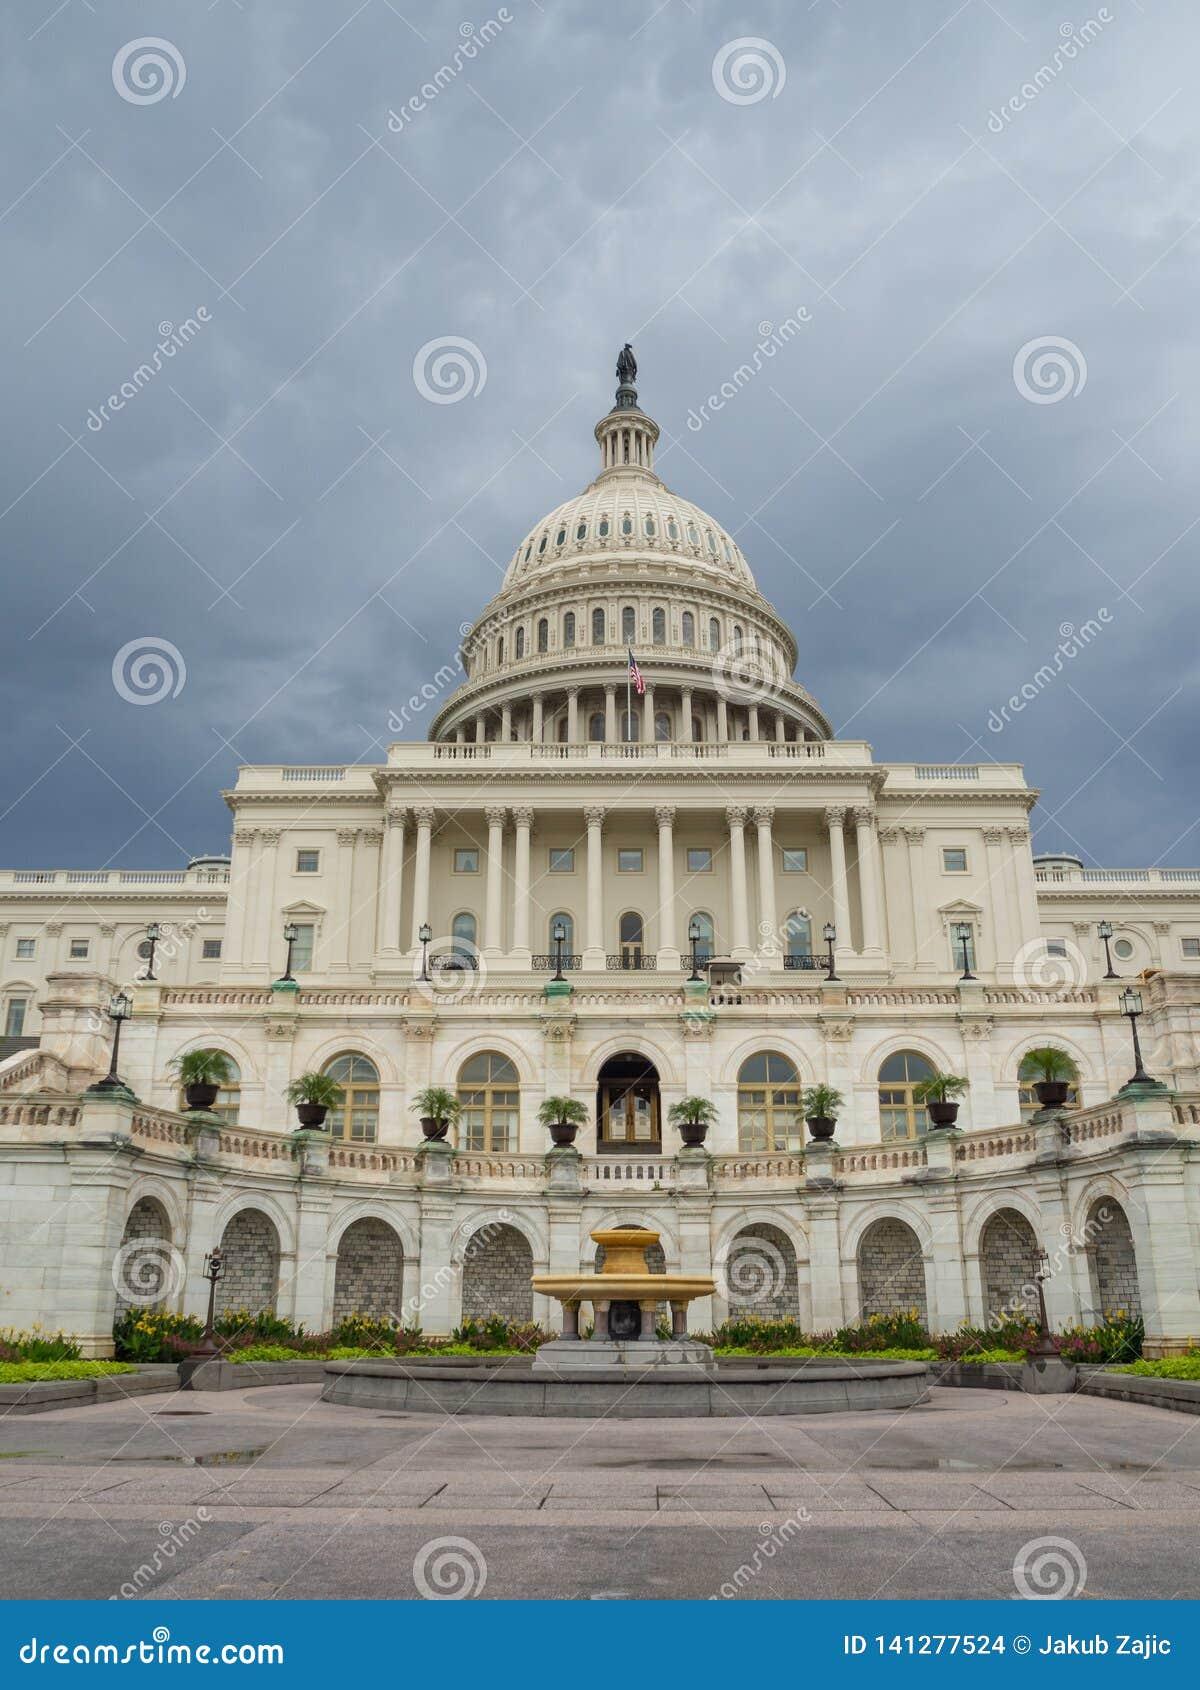 DC Вашингтона, округ Колумбия [здание капитолия Соединенных Штатов США, тенистая пасмурная погода перед идти дождь, faling сумрак